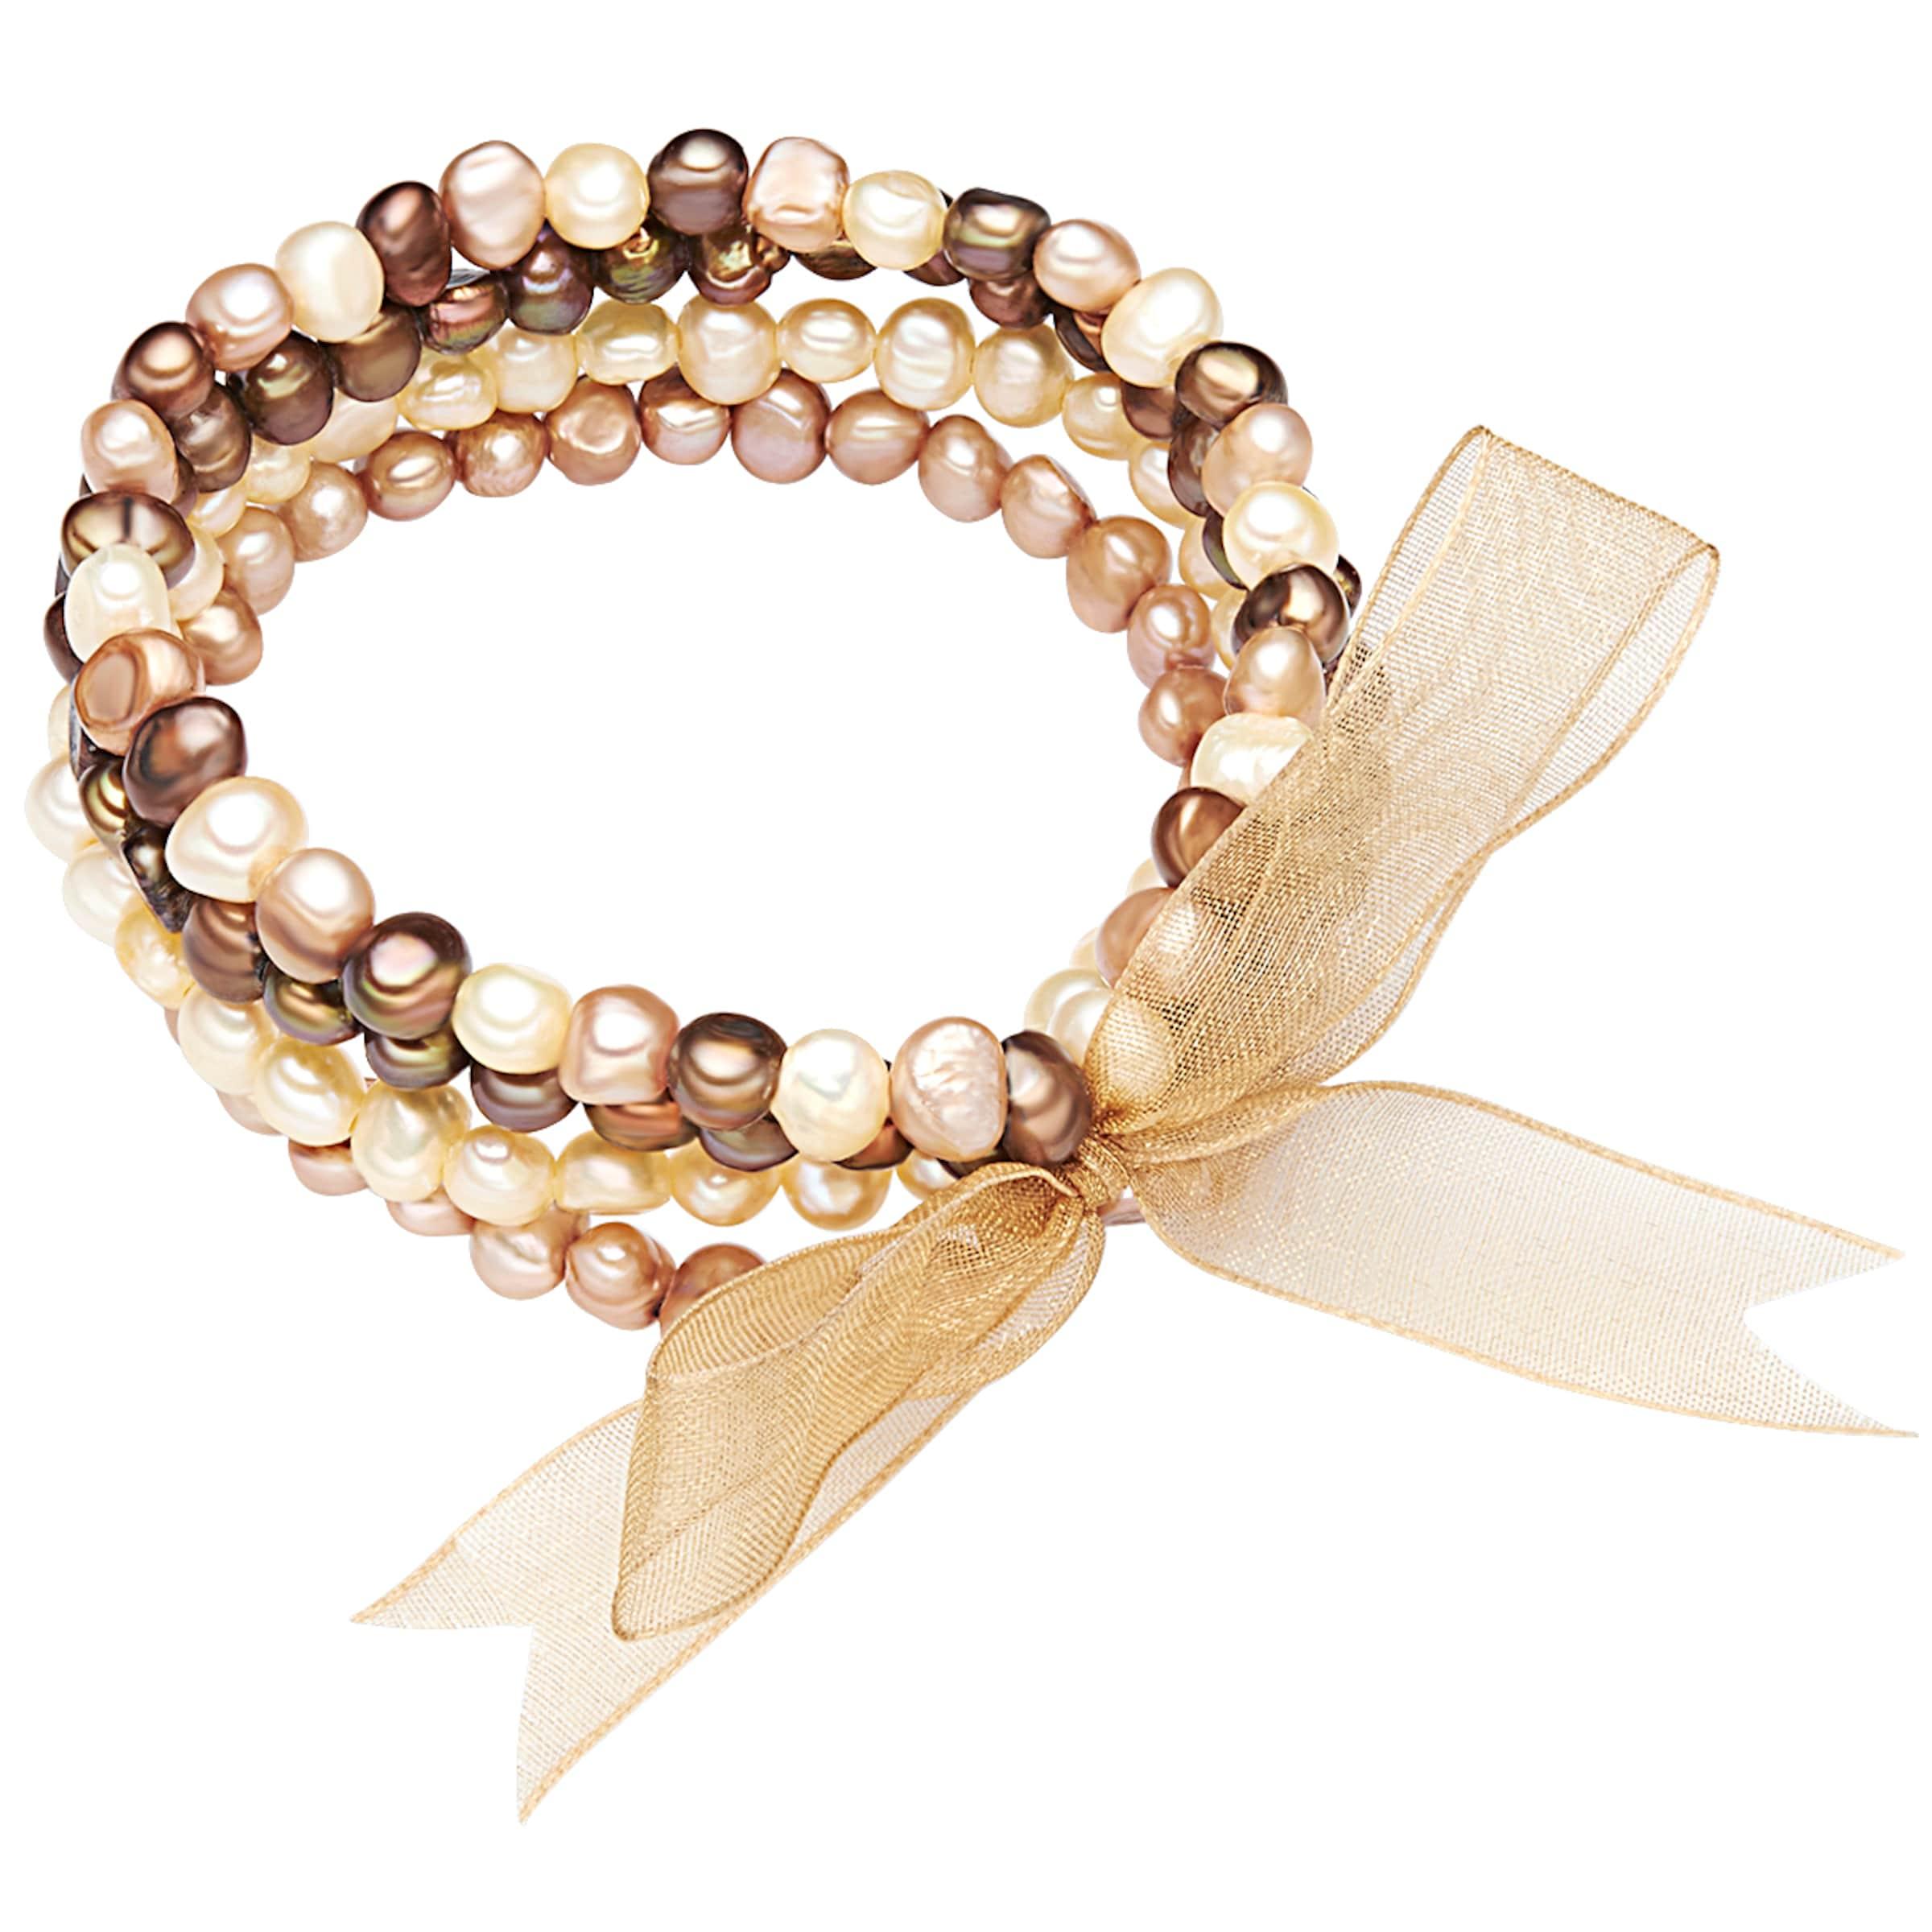 Günstig Kaufen Bequem Tolle Valero Pearls Armband mit Süßwasser-Zuchtperlen Angebote Zum Verkauf Modestil 4Jry4Ec